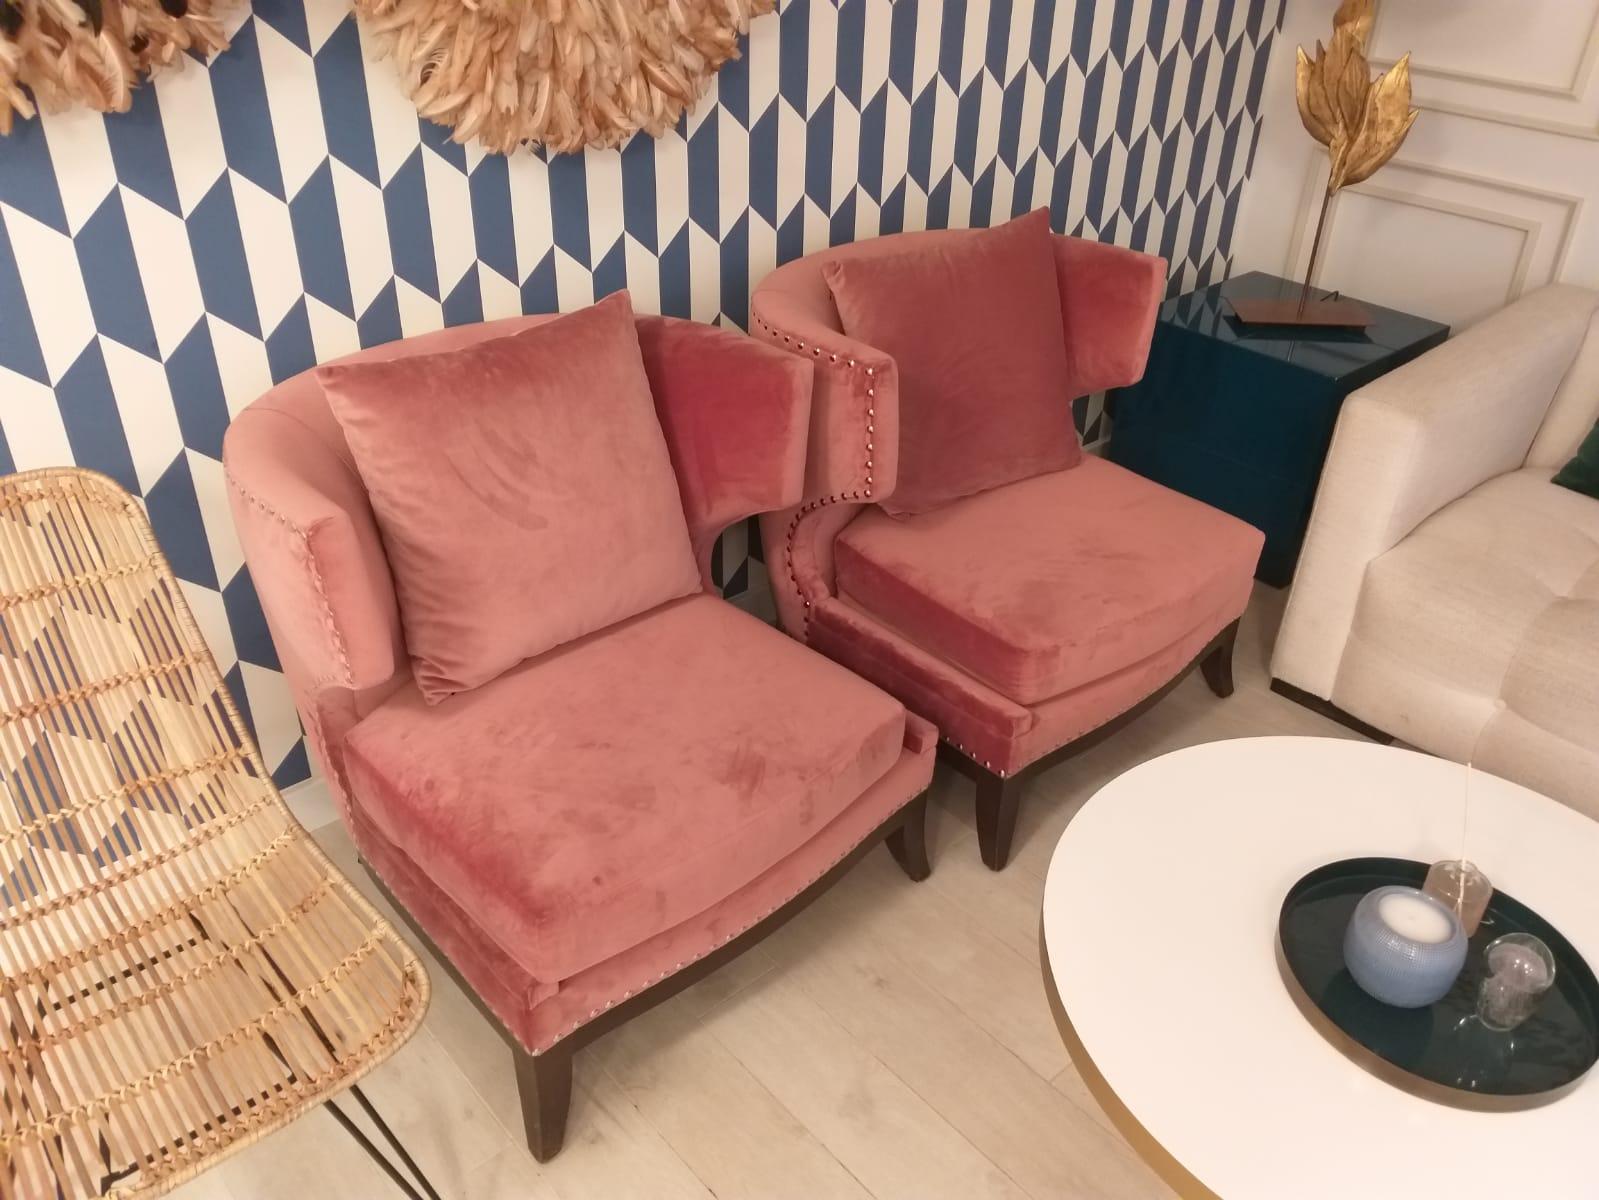 Limpieza de sillas y tapicerías en Barcelona